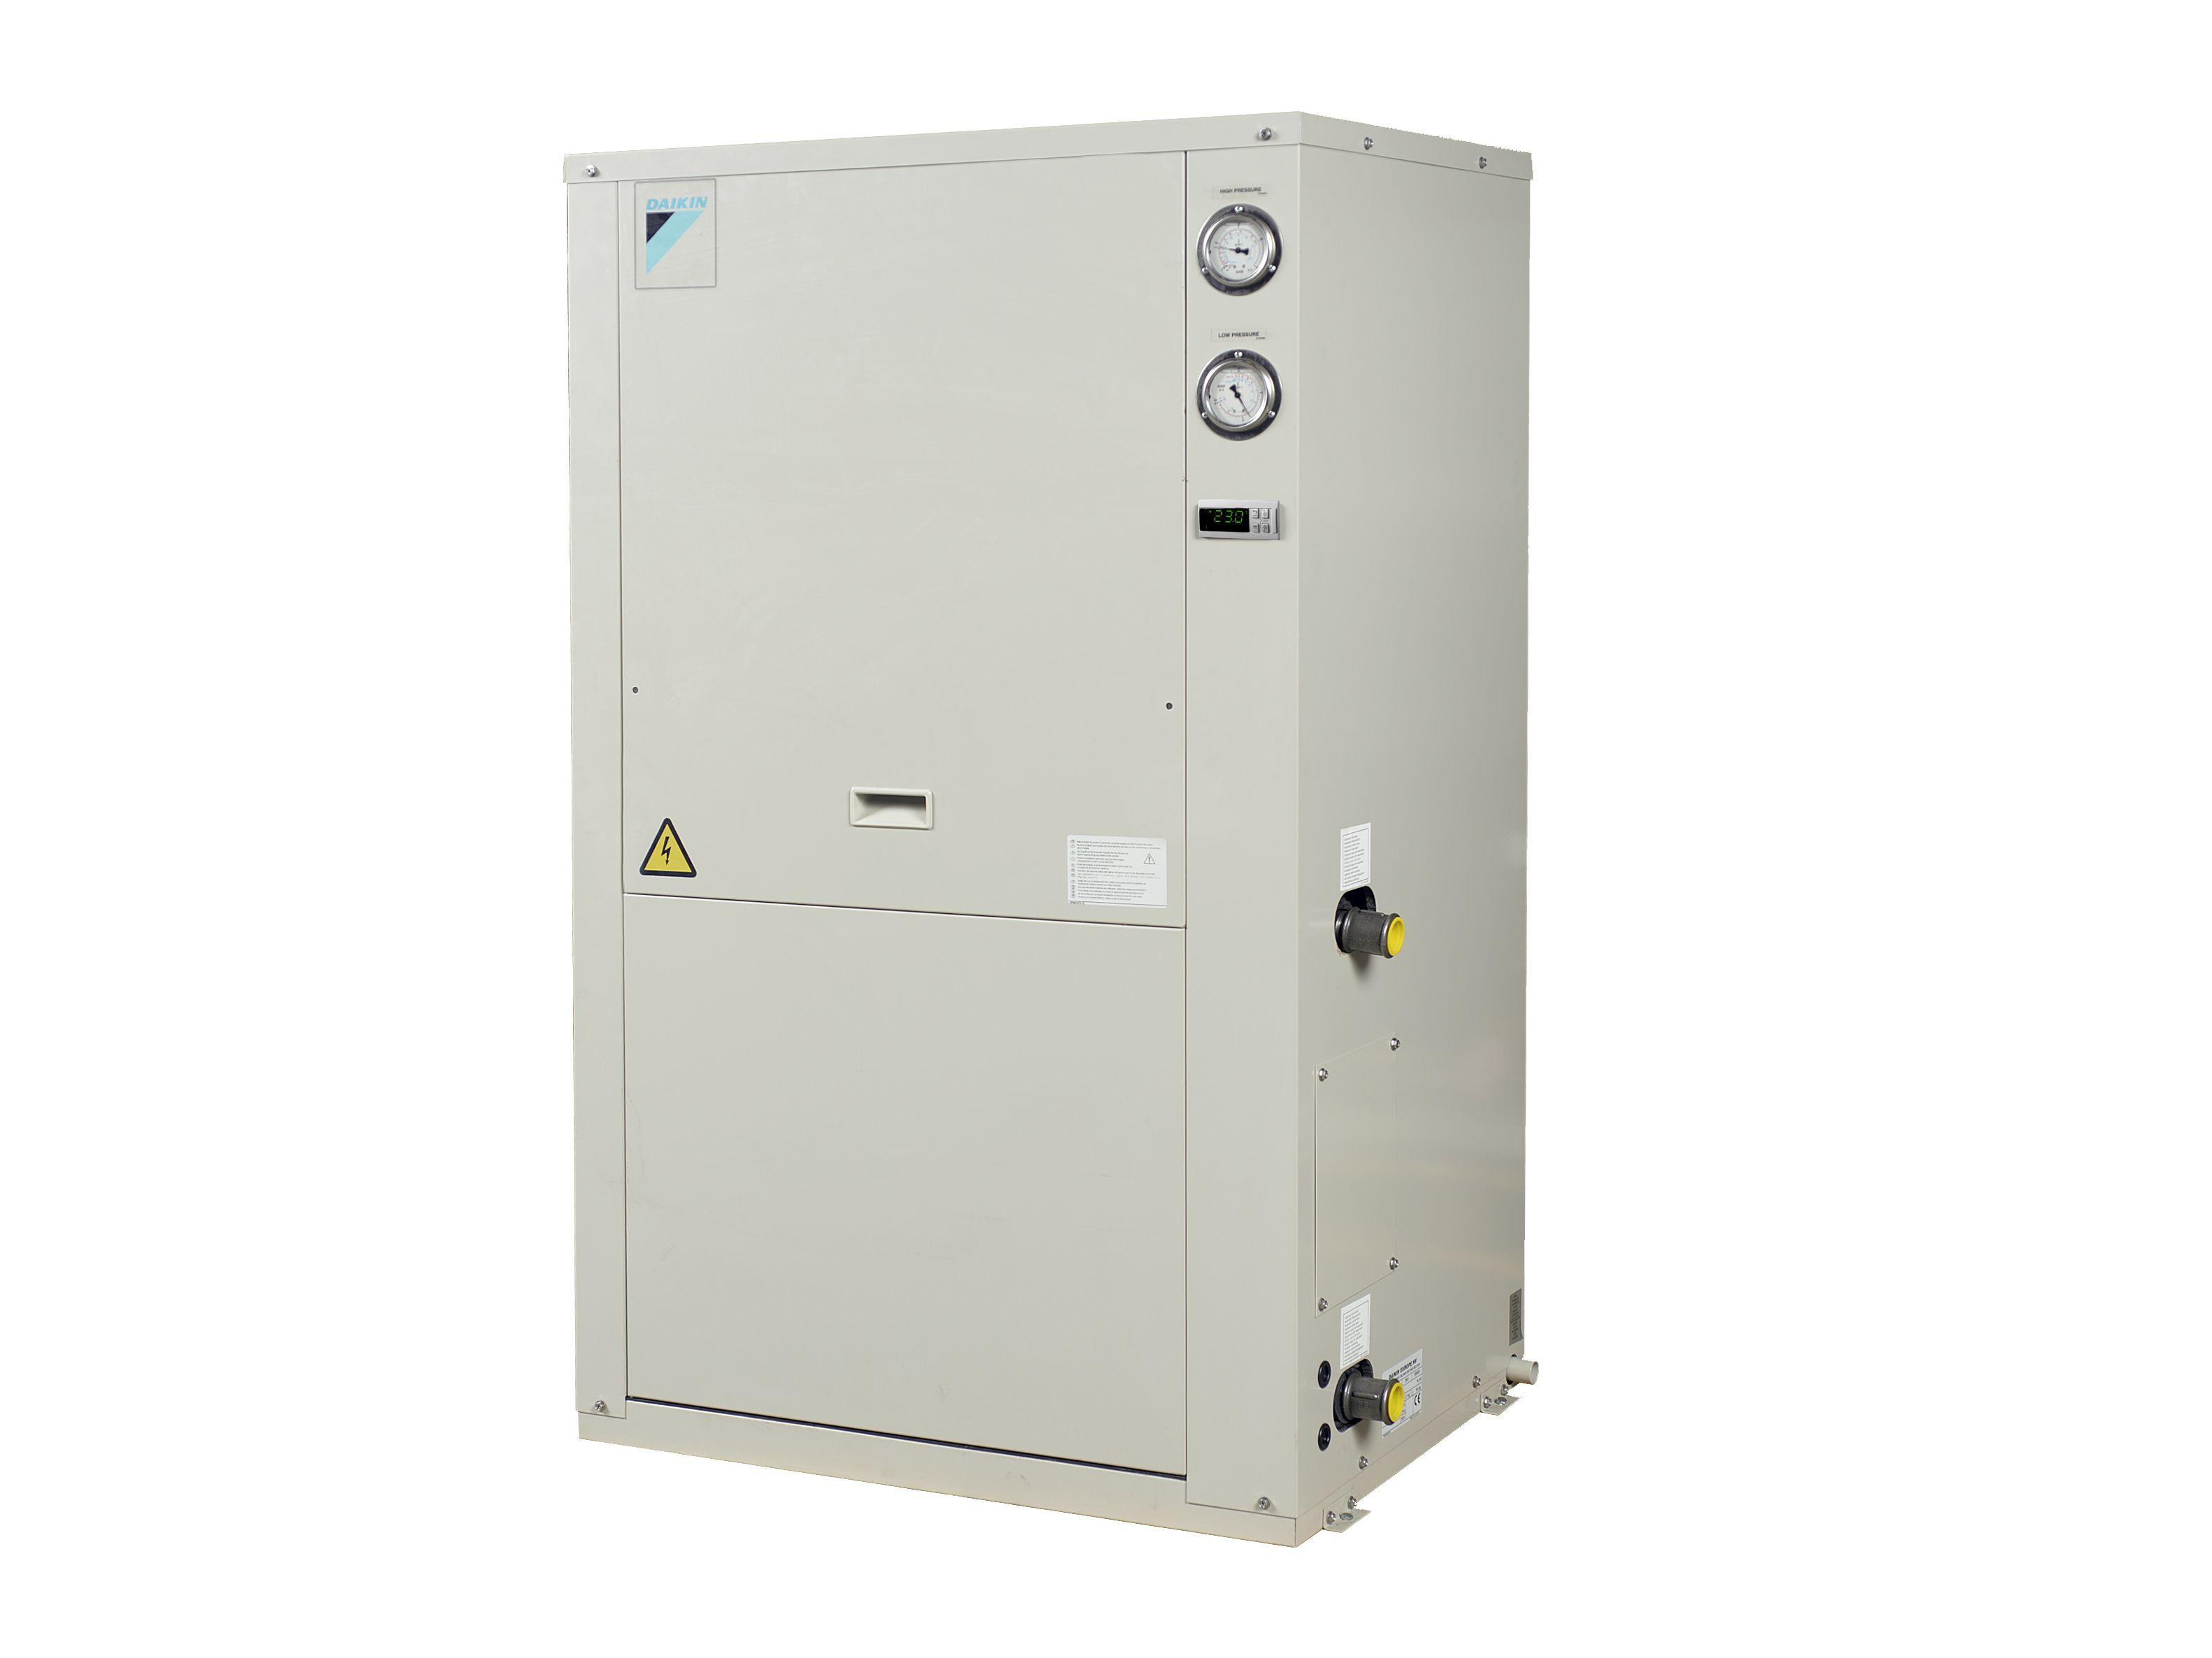 Euwac fbzw refroidisseur d air by daikin air conditioning - Refroidisseur d air ...